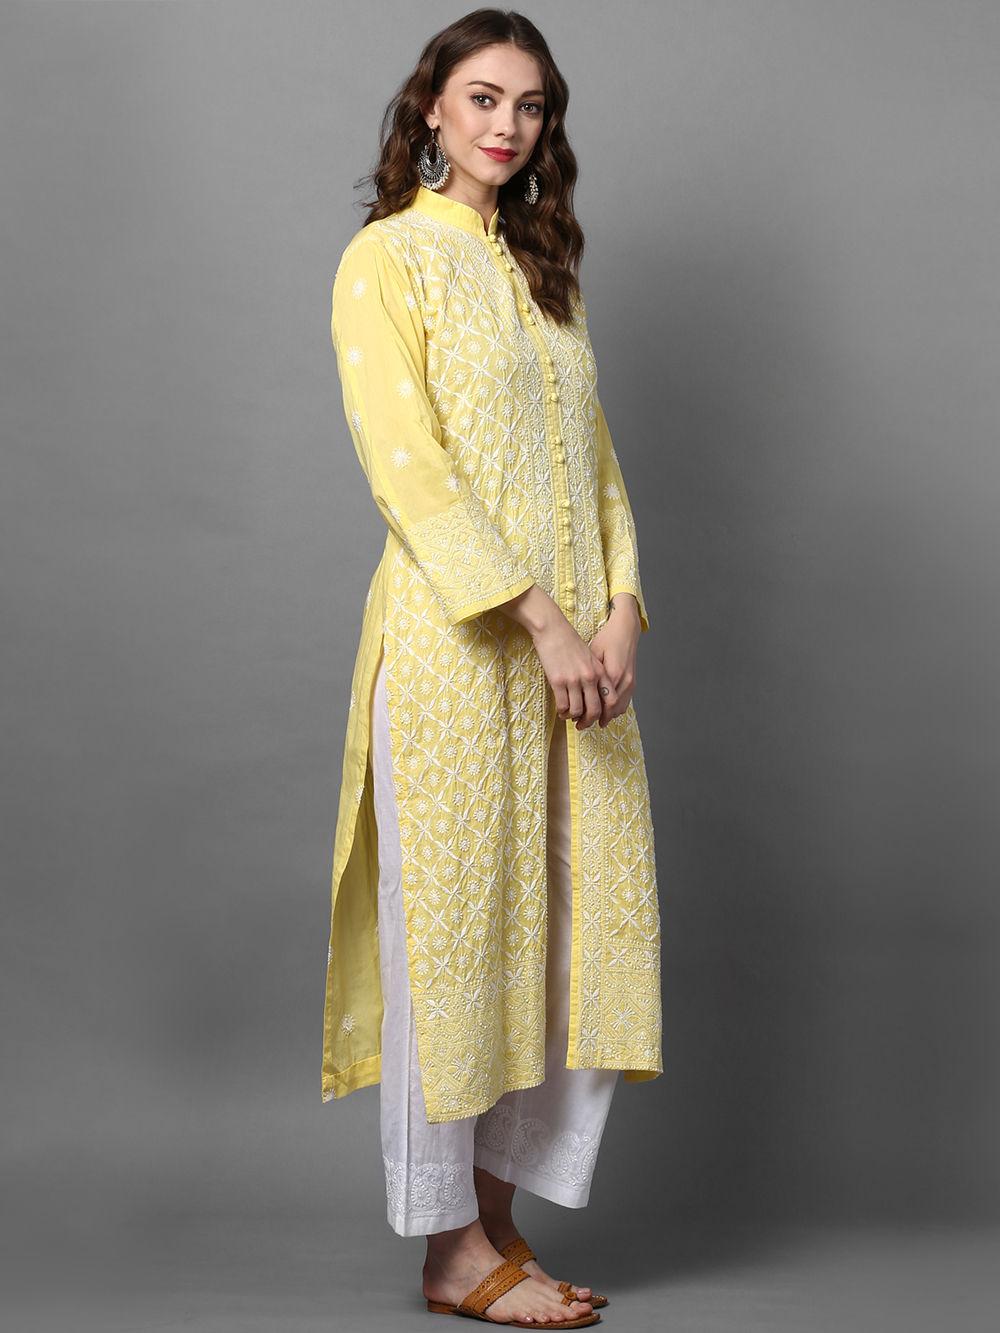 Buy Yellow Cotton Chikankari Kurta online at Theloom